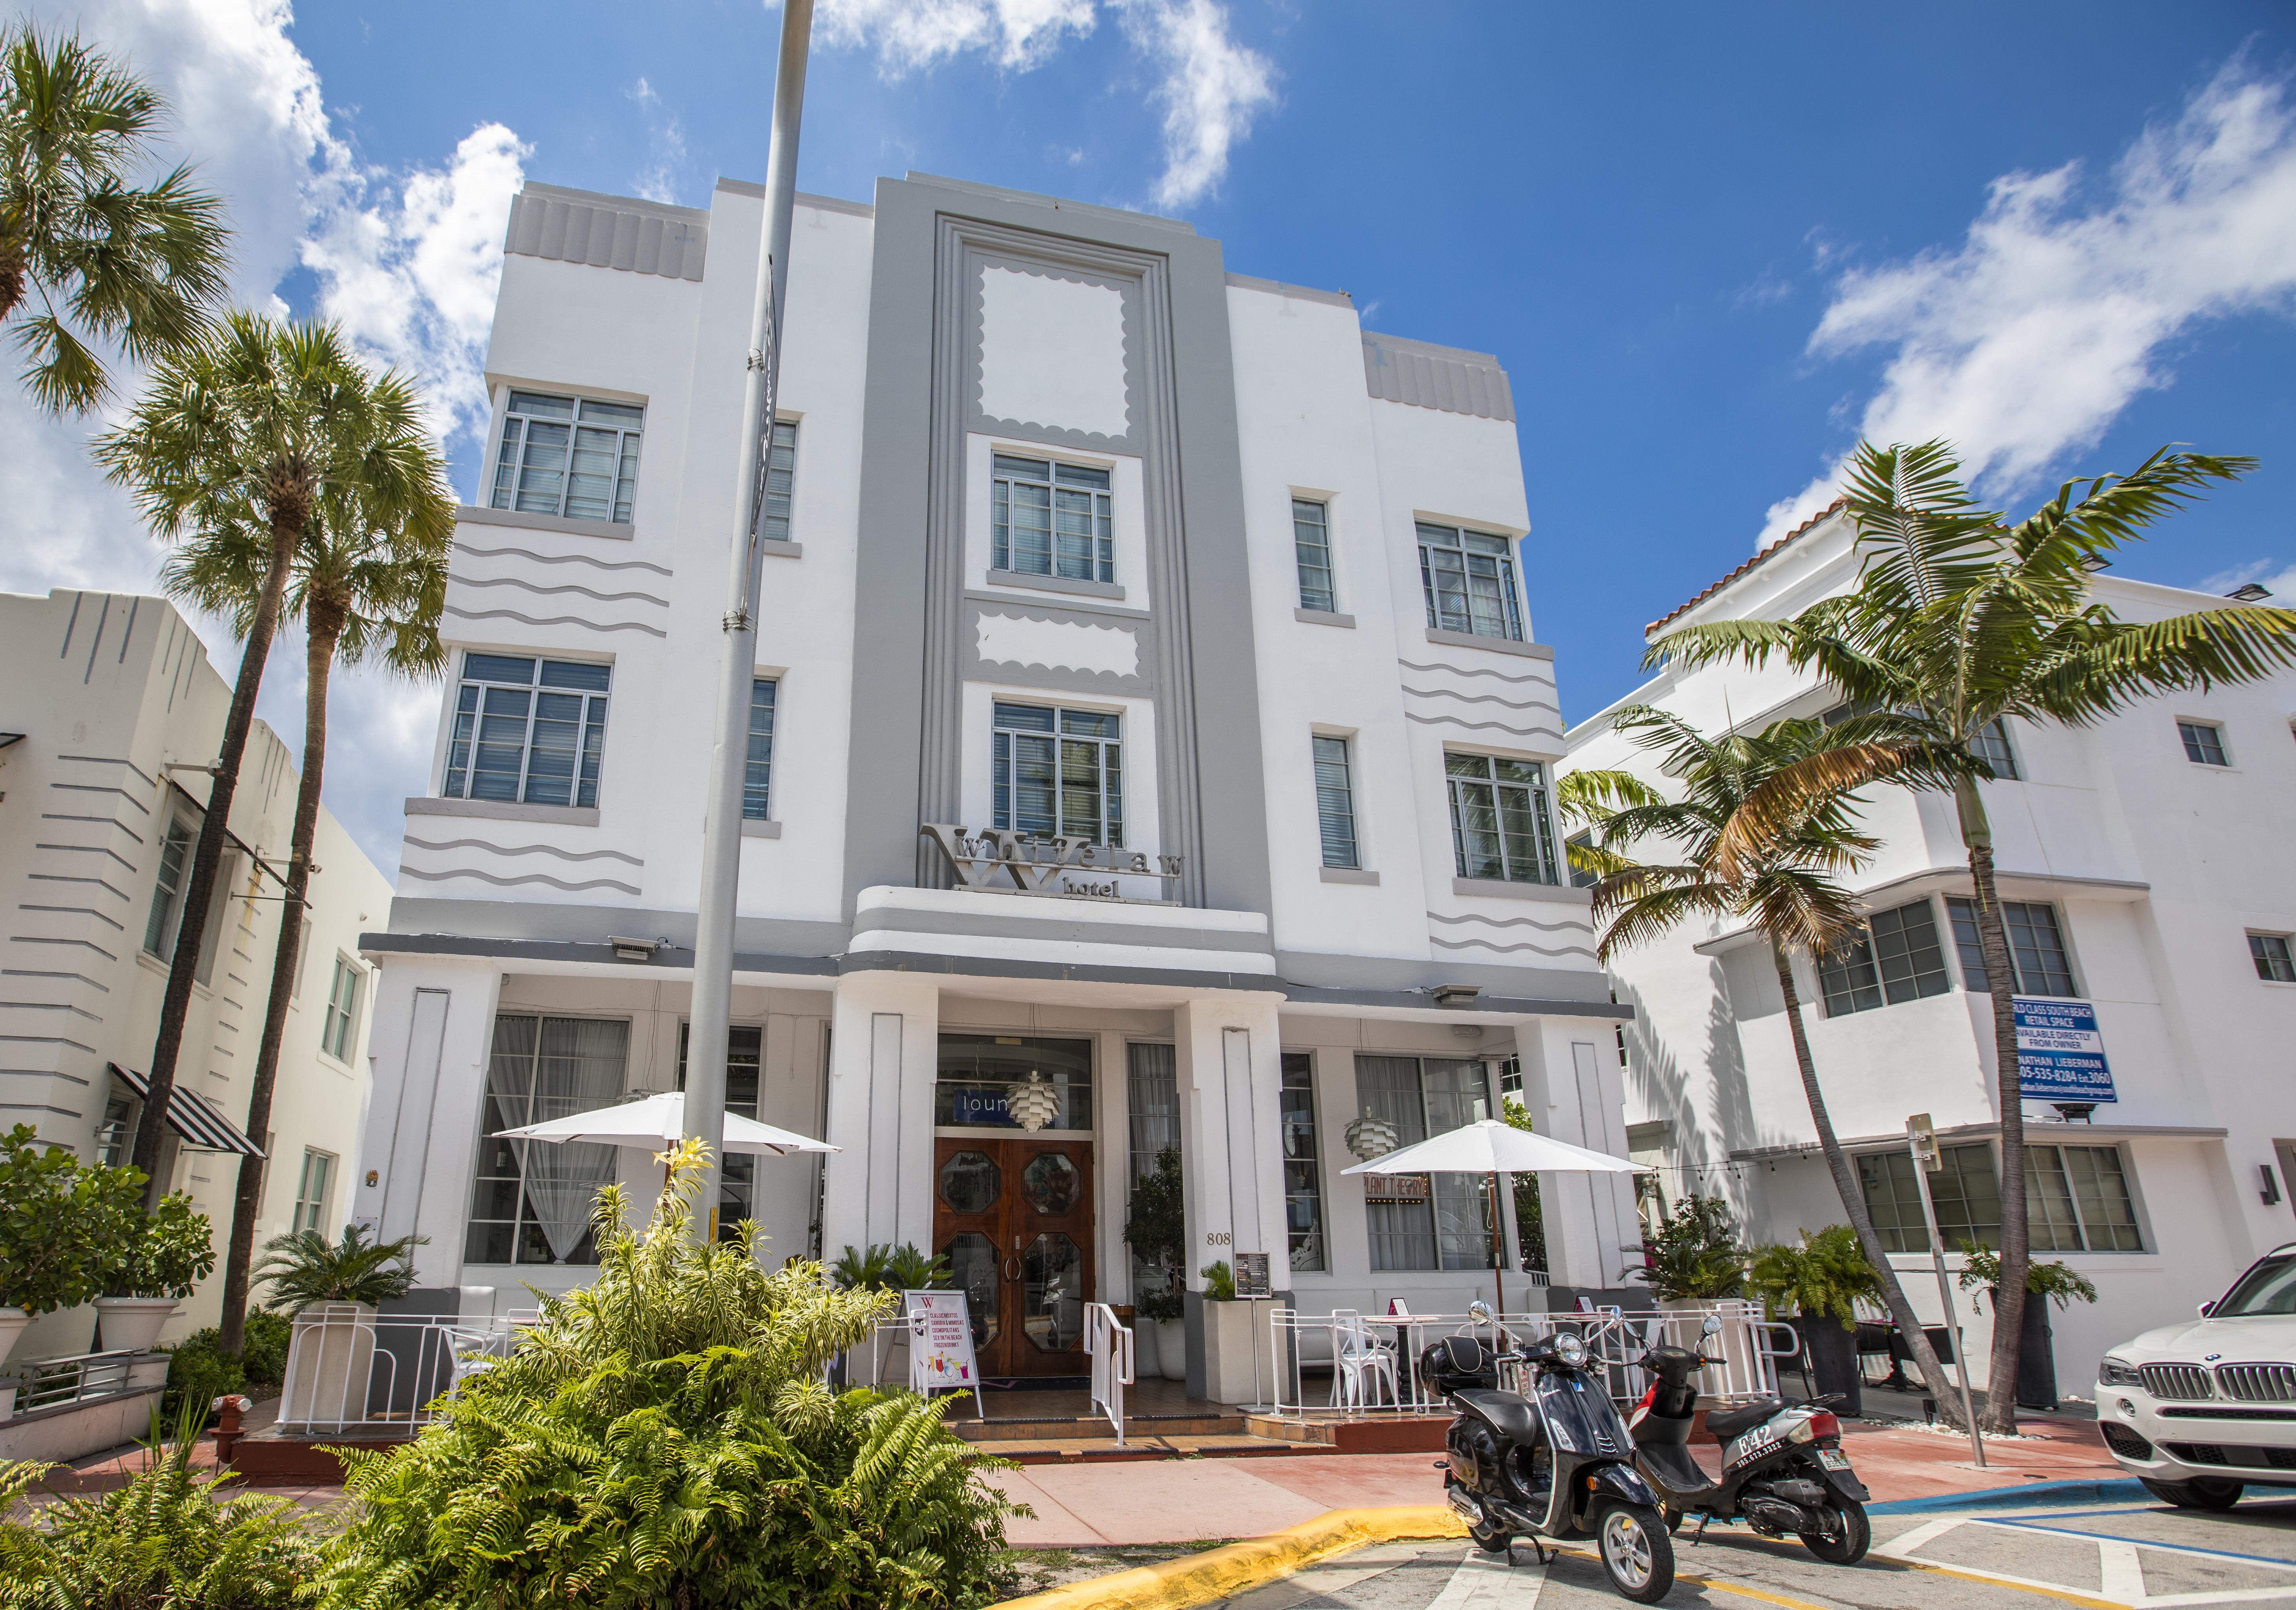 Whitelaw Hotel, Miami-Dade